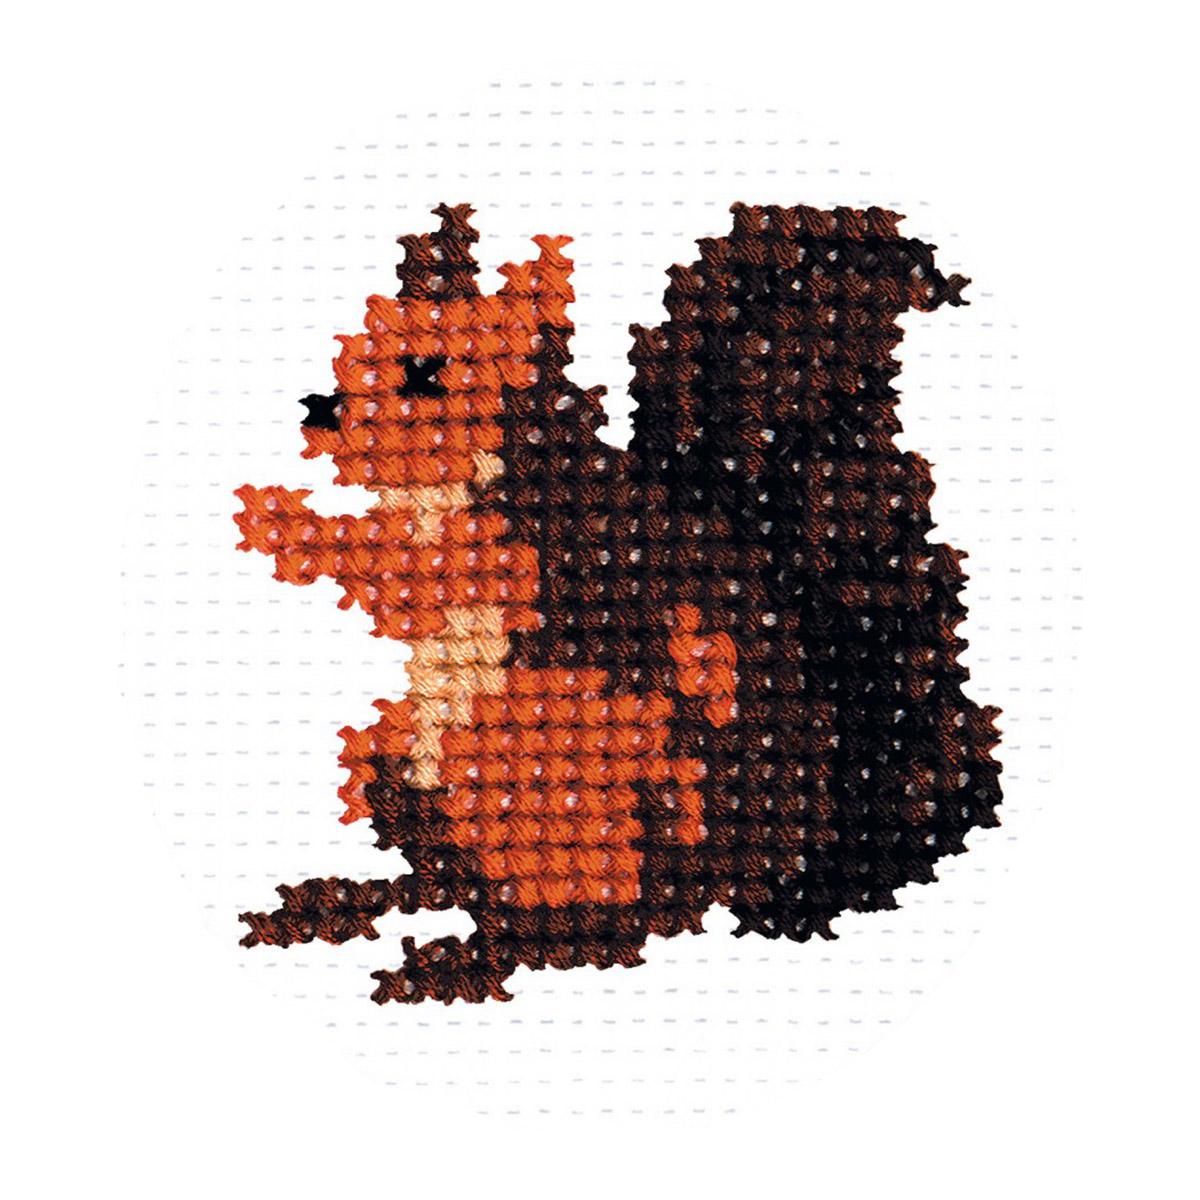 501 Набор для вышивания 'РС-Студия' 'Белочка', 7*6 см